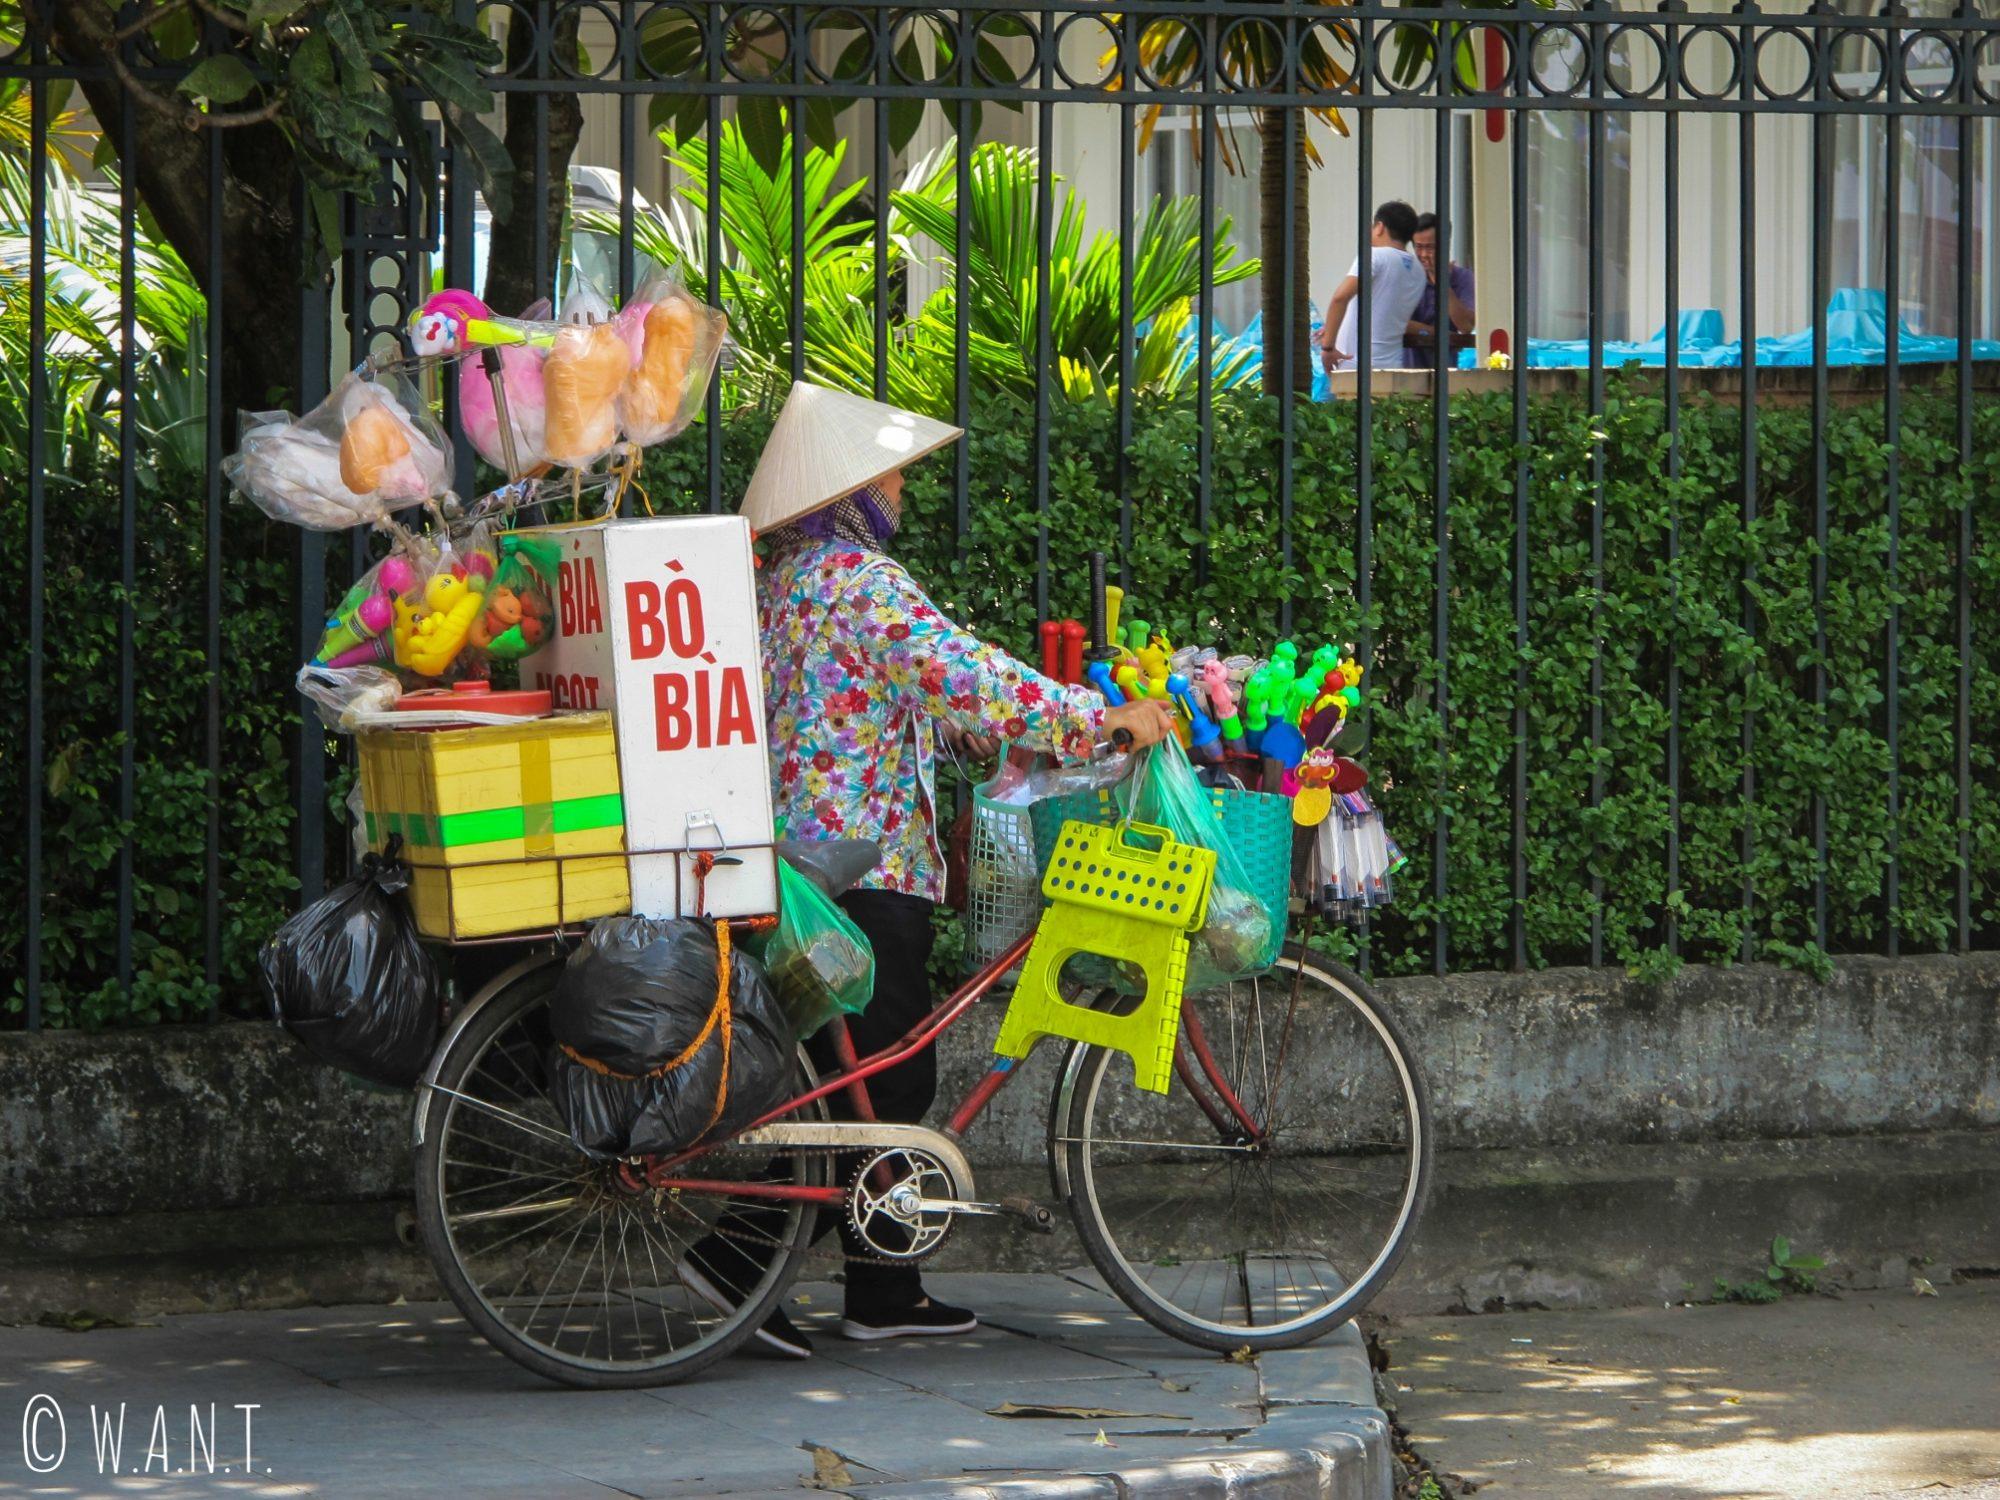 Échoppe ambulante sur un vélo dans les rues de Hanoï